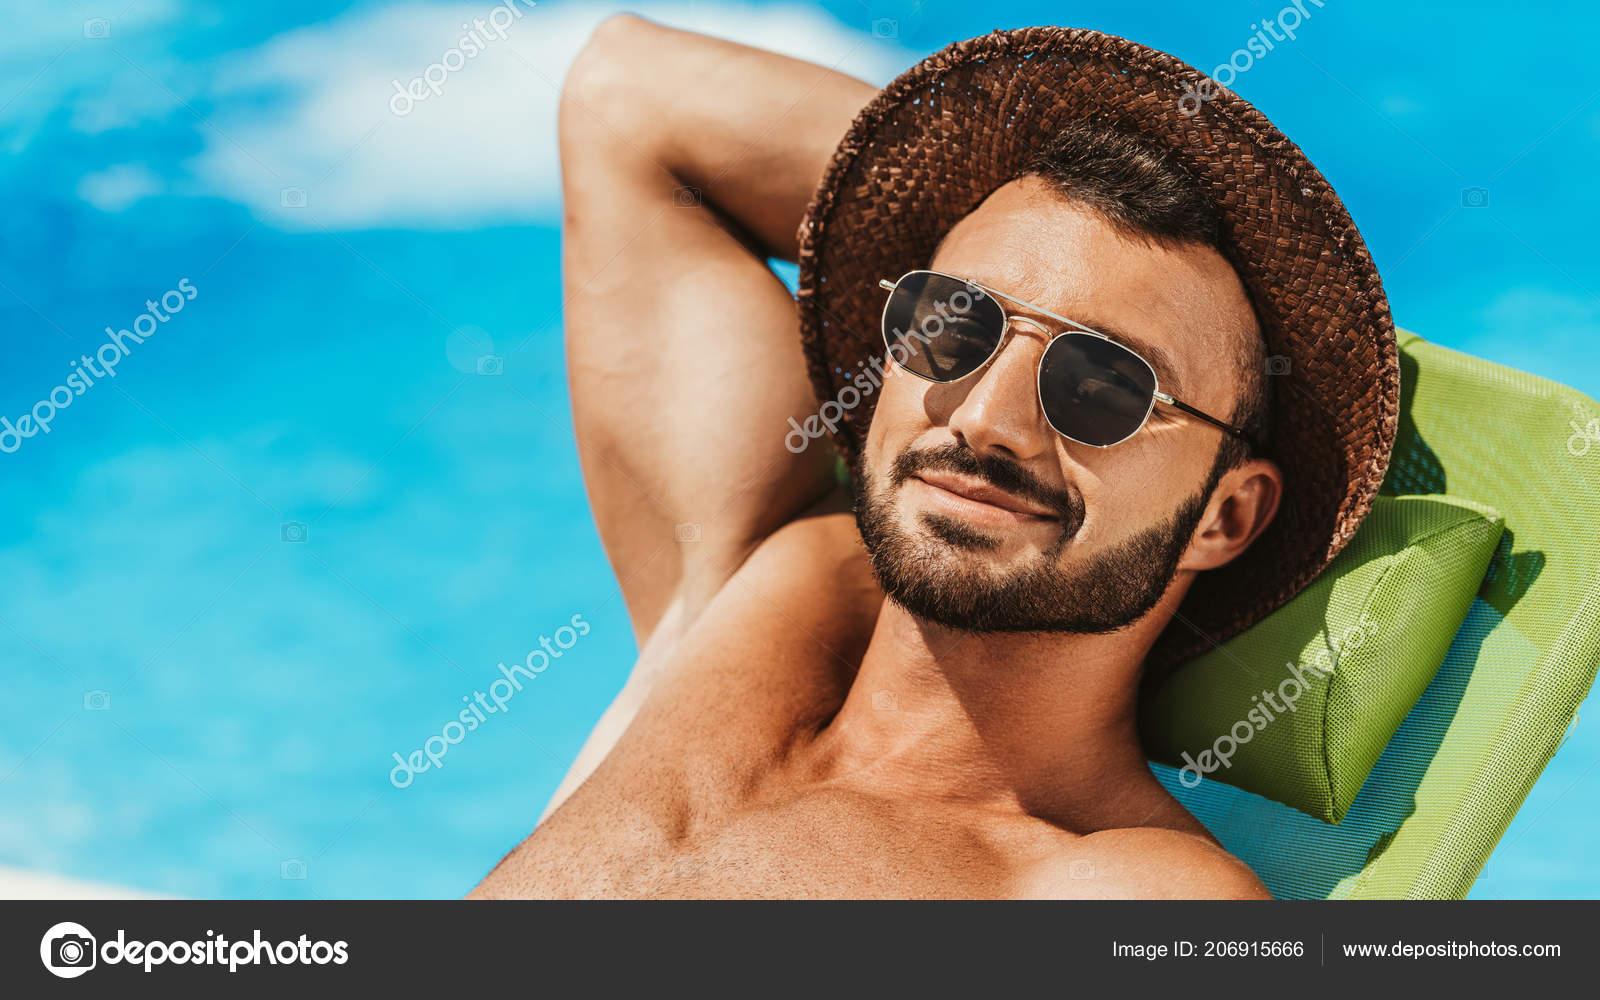 miglior prezzo varietà di disegni e colori qualità eccellente Uomo Bello Occhiali Sole Cappello Paglia Sole Sui Lettini ...